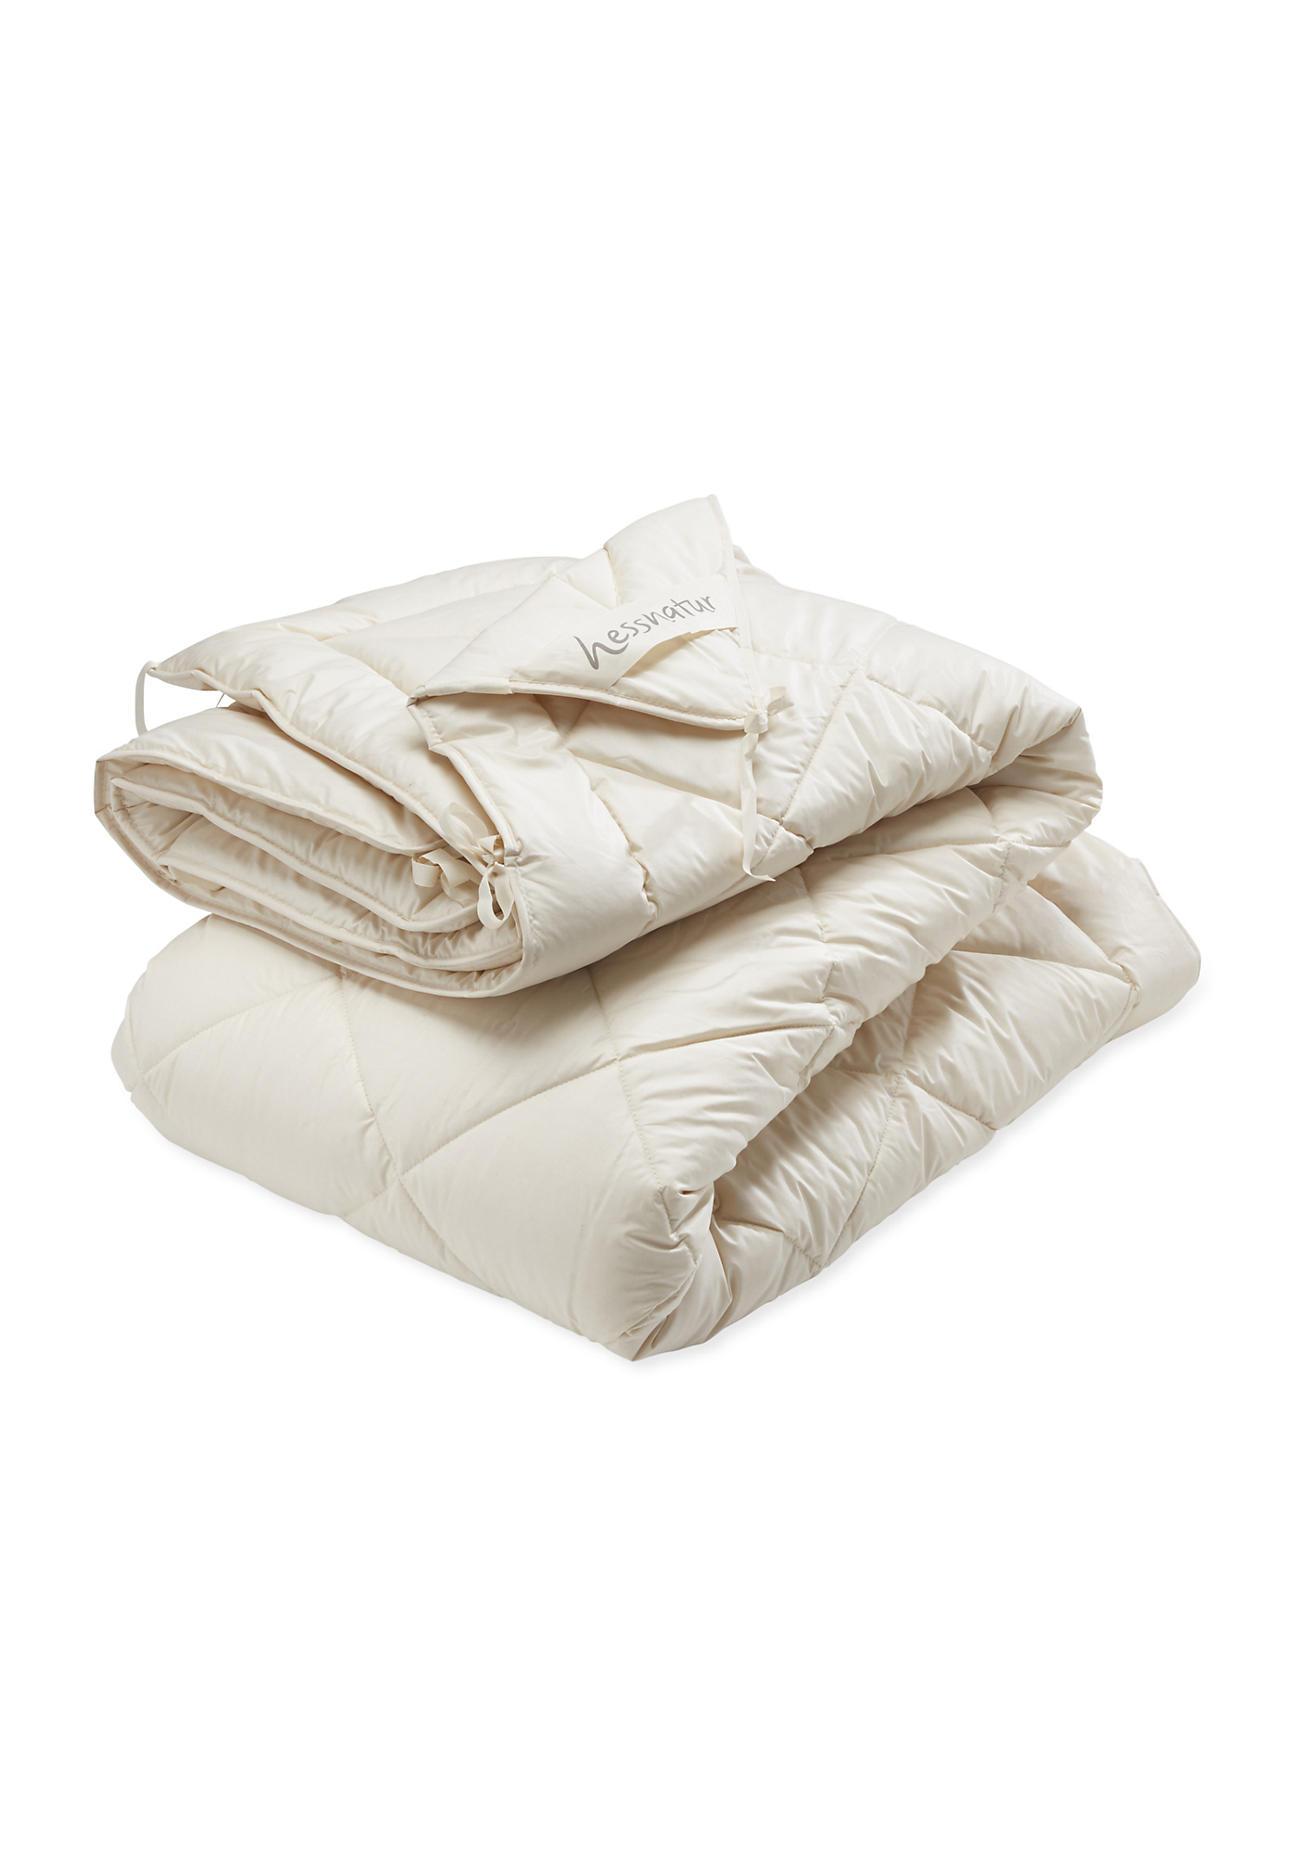 hessnatur 4-Jahreszeiten-Bettdecke mit reiner Bio-Schurwolle – farblos – Größe 135x200 cm 800/Füllung 1600g